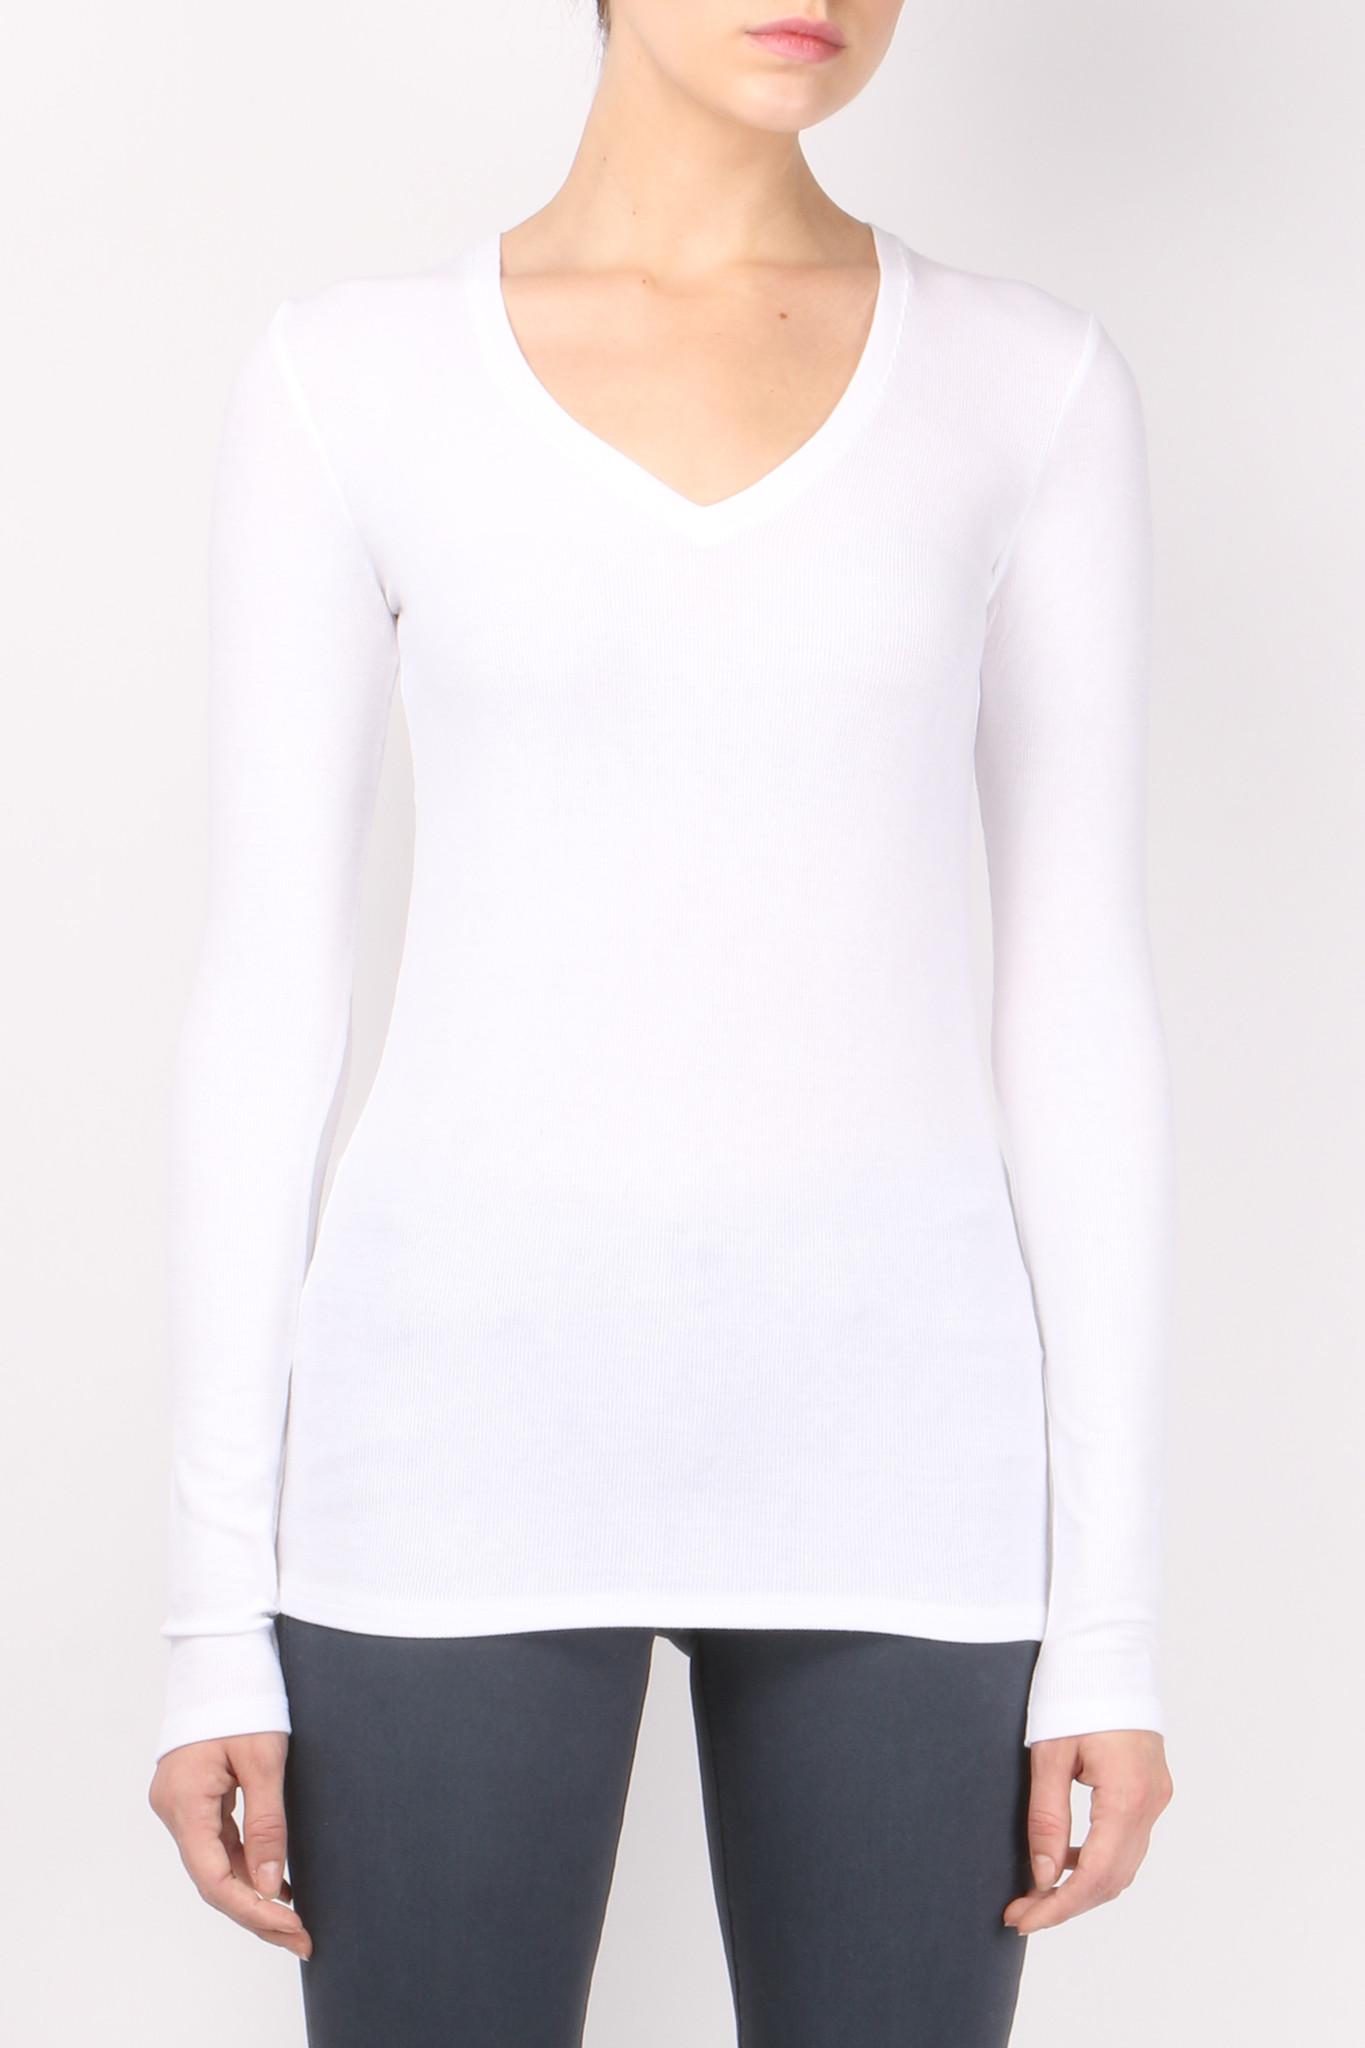 Atm long sleeve v neck rib shirt white from bocnyc for Long white v neck t shirt